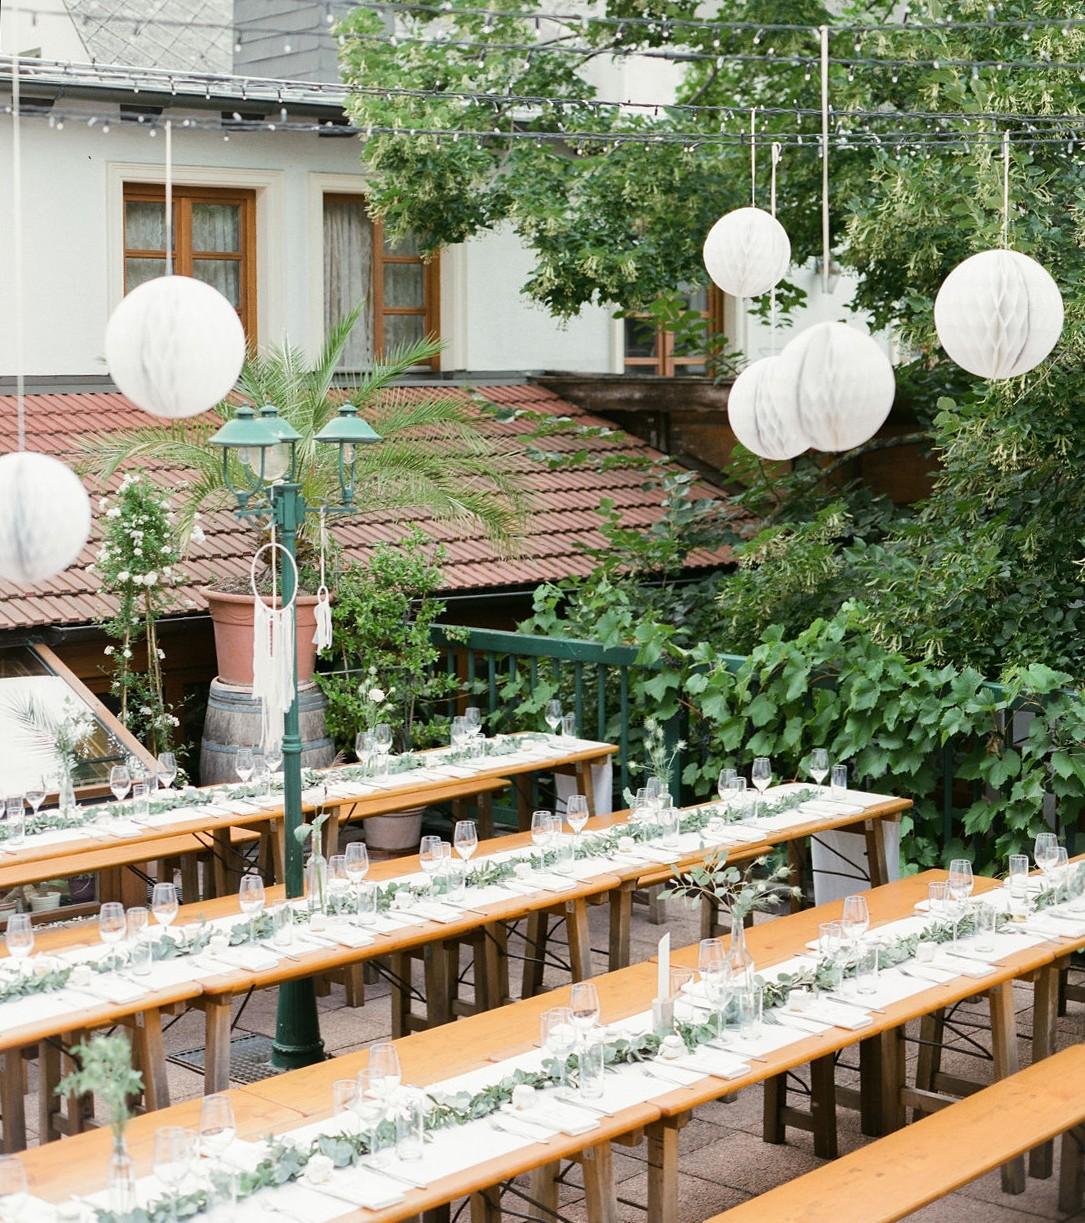 Gedeckte Hochzeitstafel auf Heurigentischen auf einer Terasse